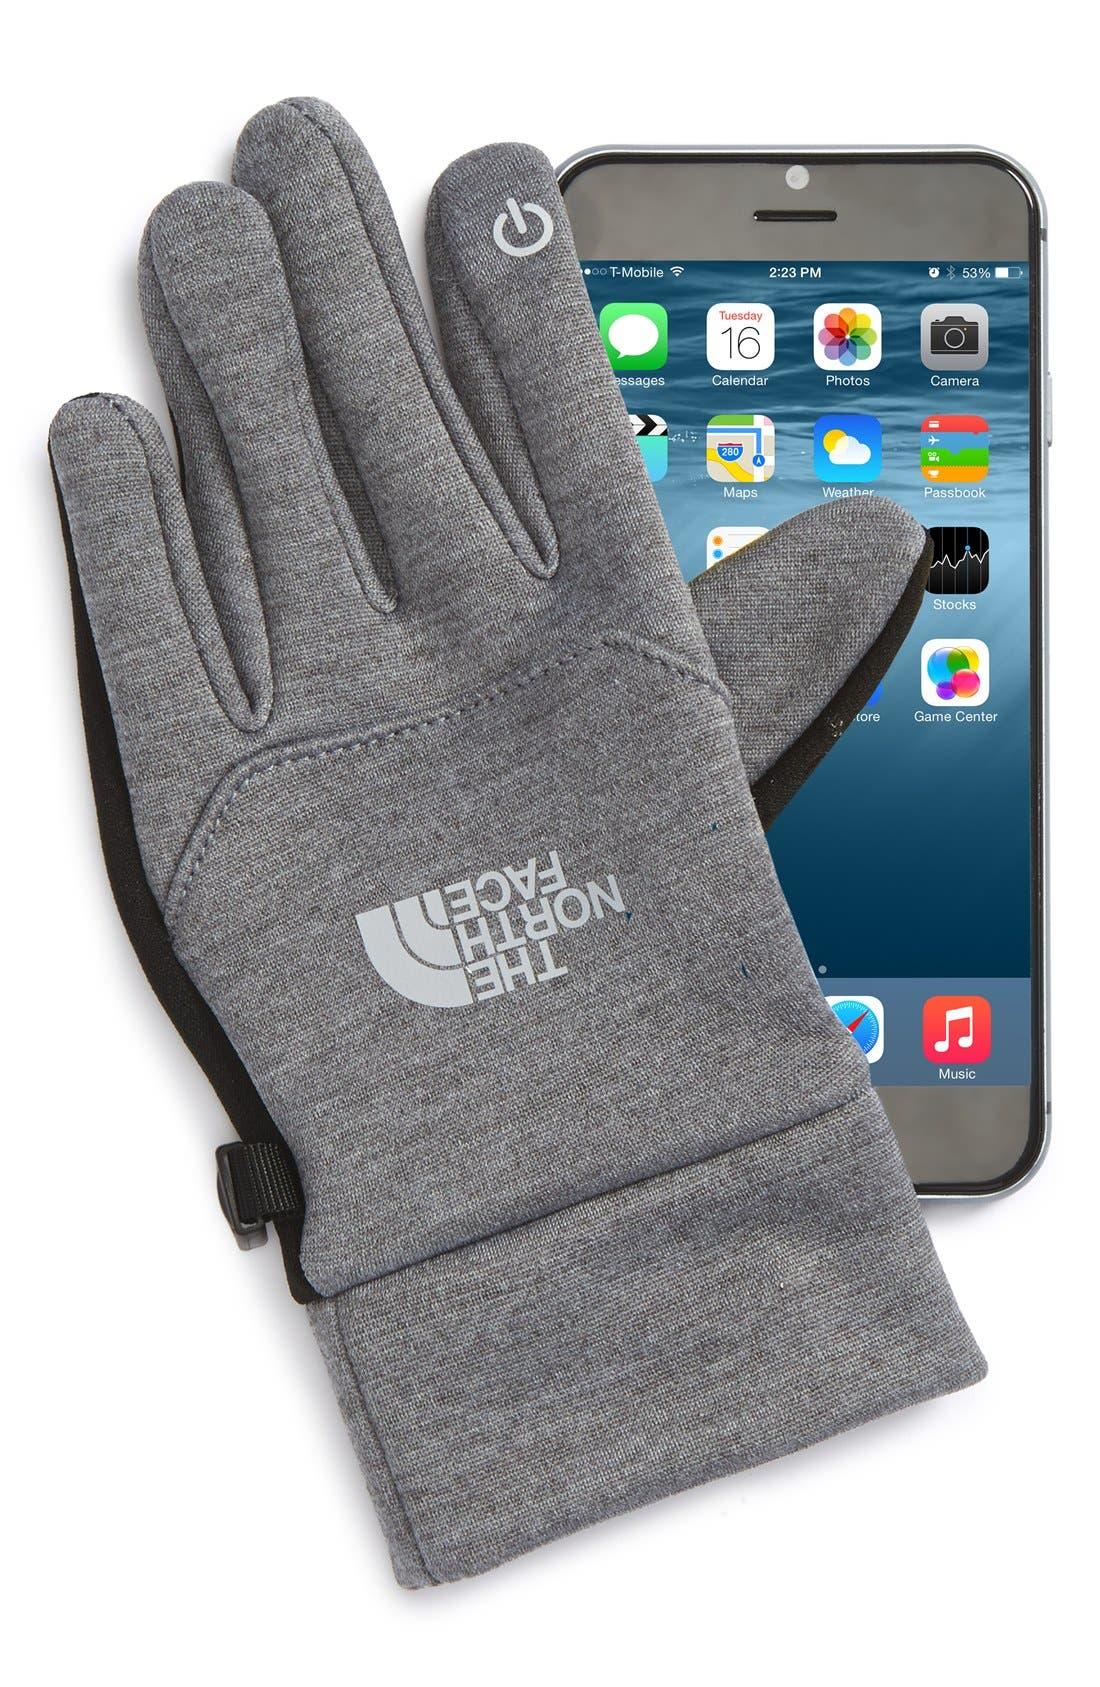 'Etip' Gloves,                             Alternate thumbnail 2, color,